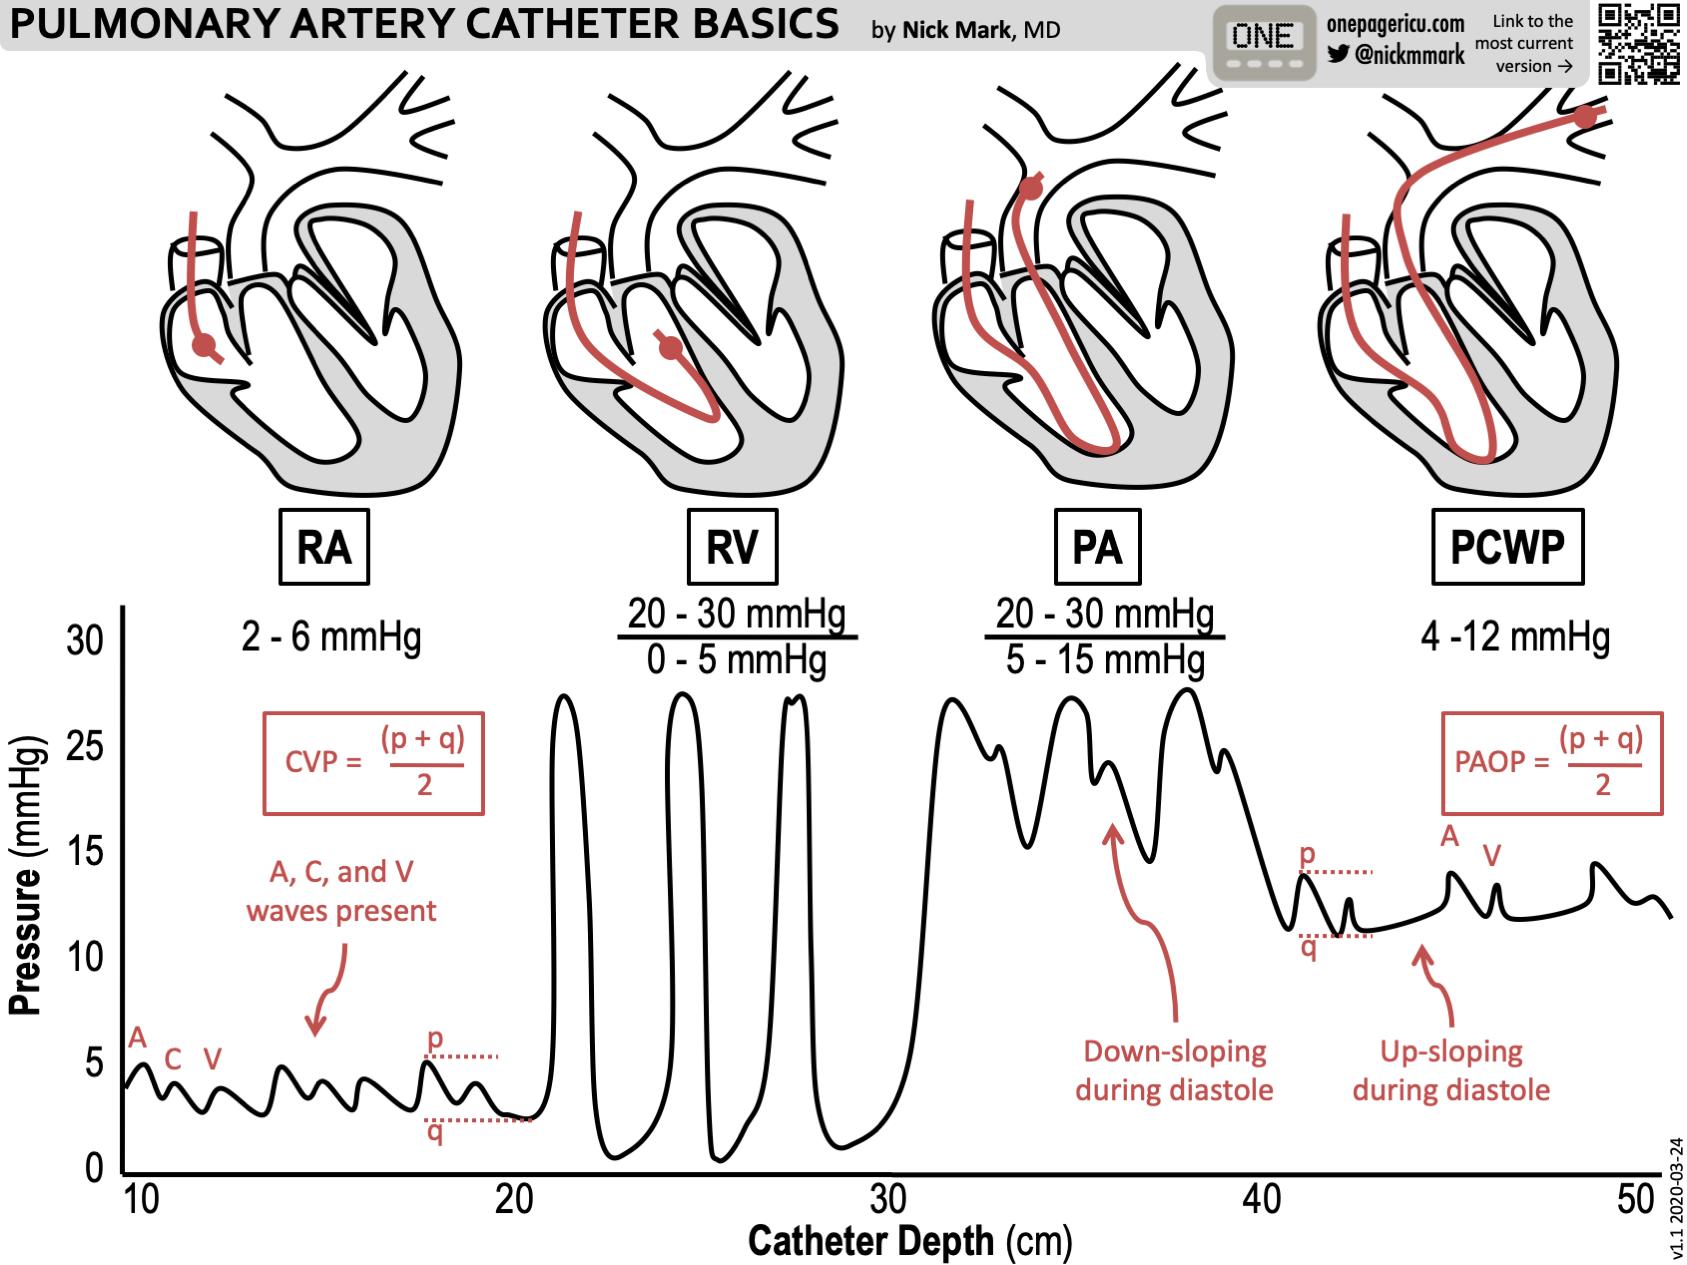 Pulmonary artery catheter basics